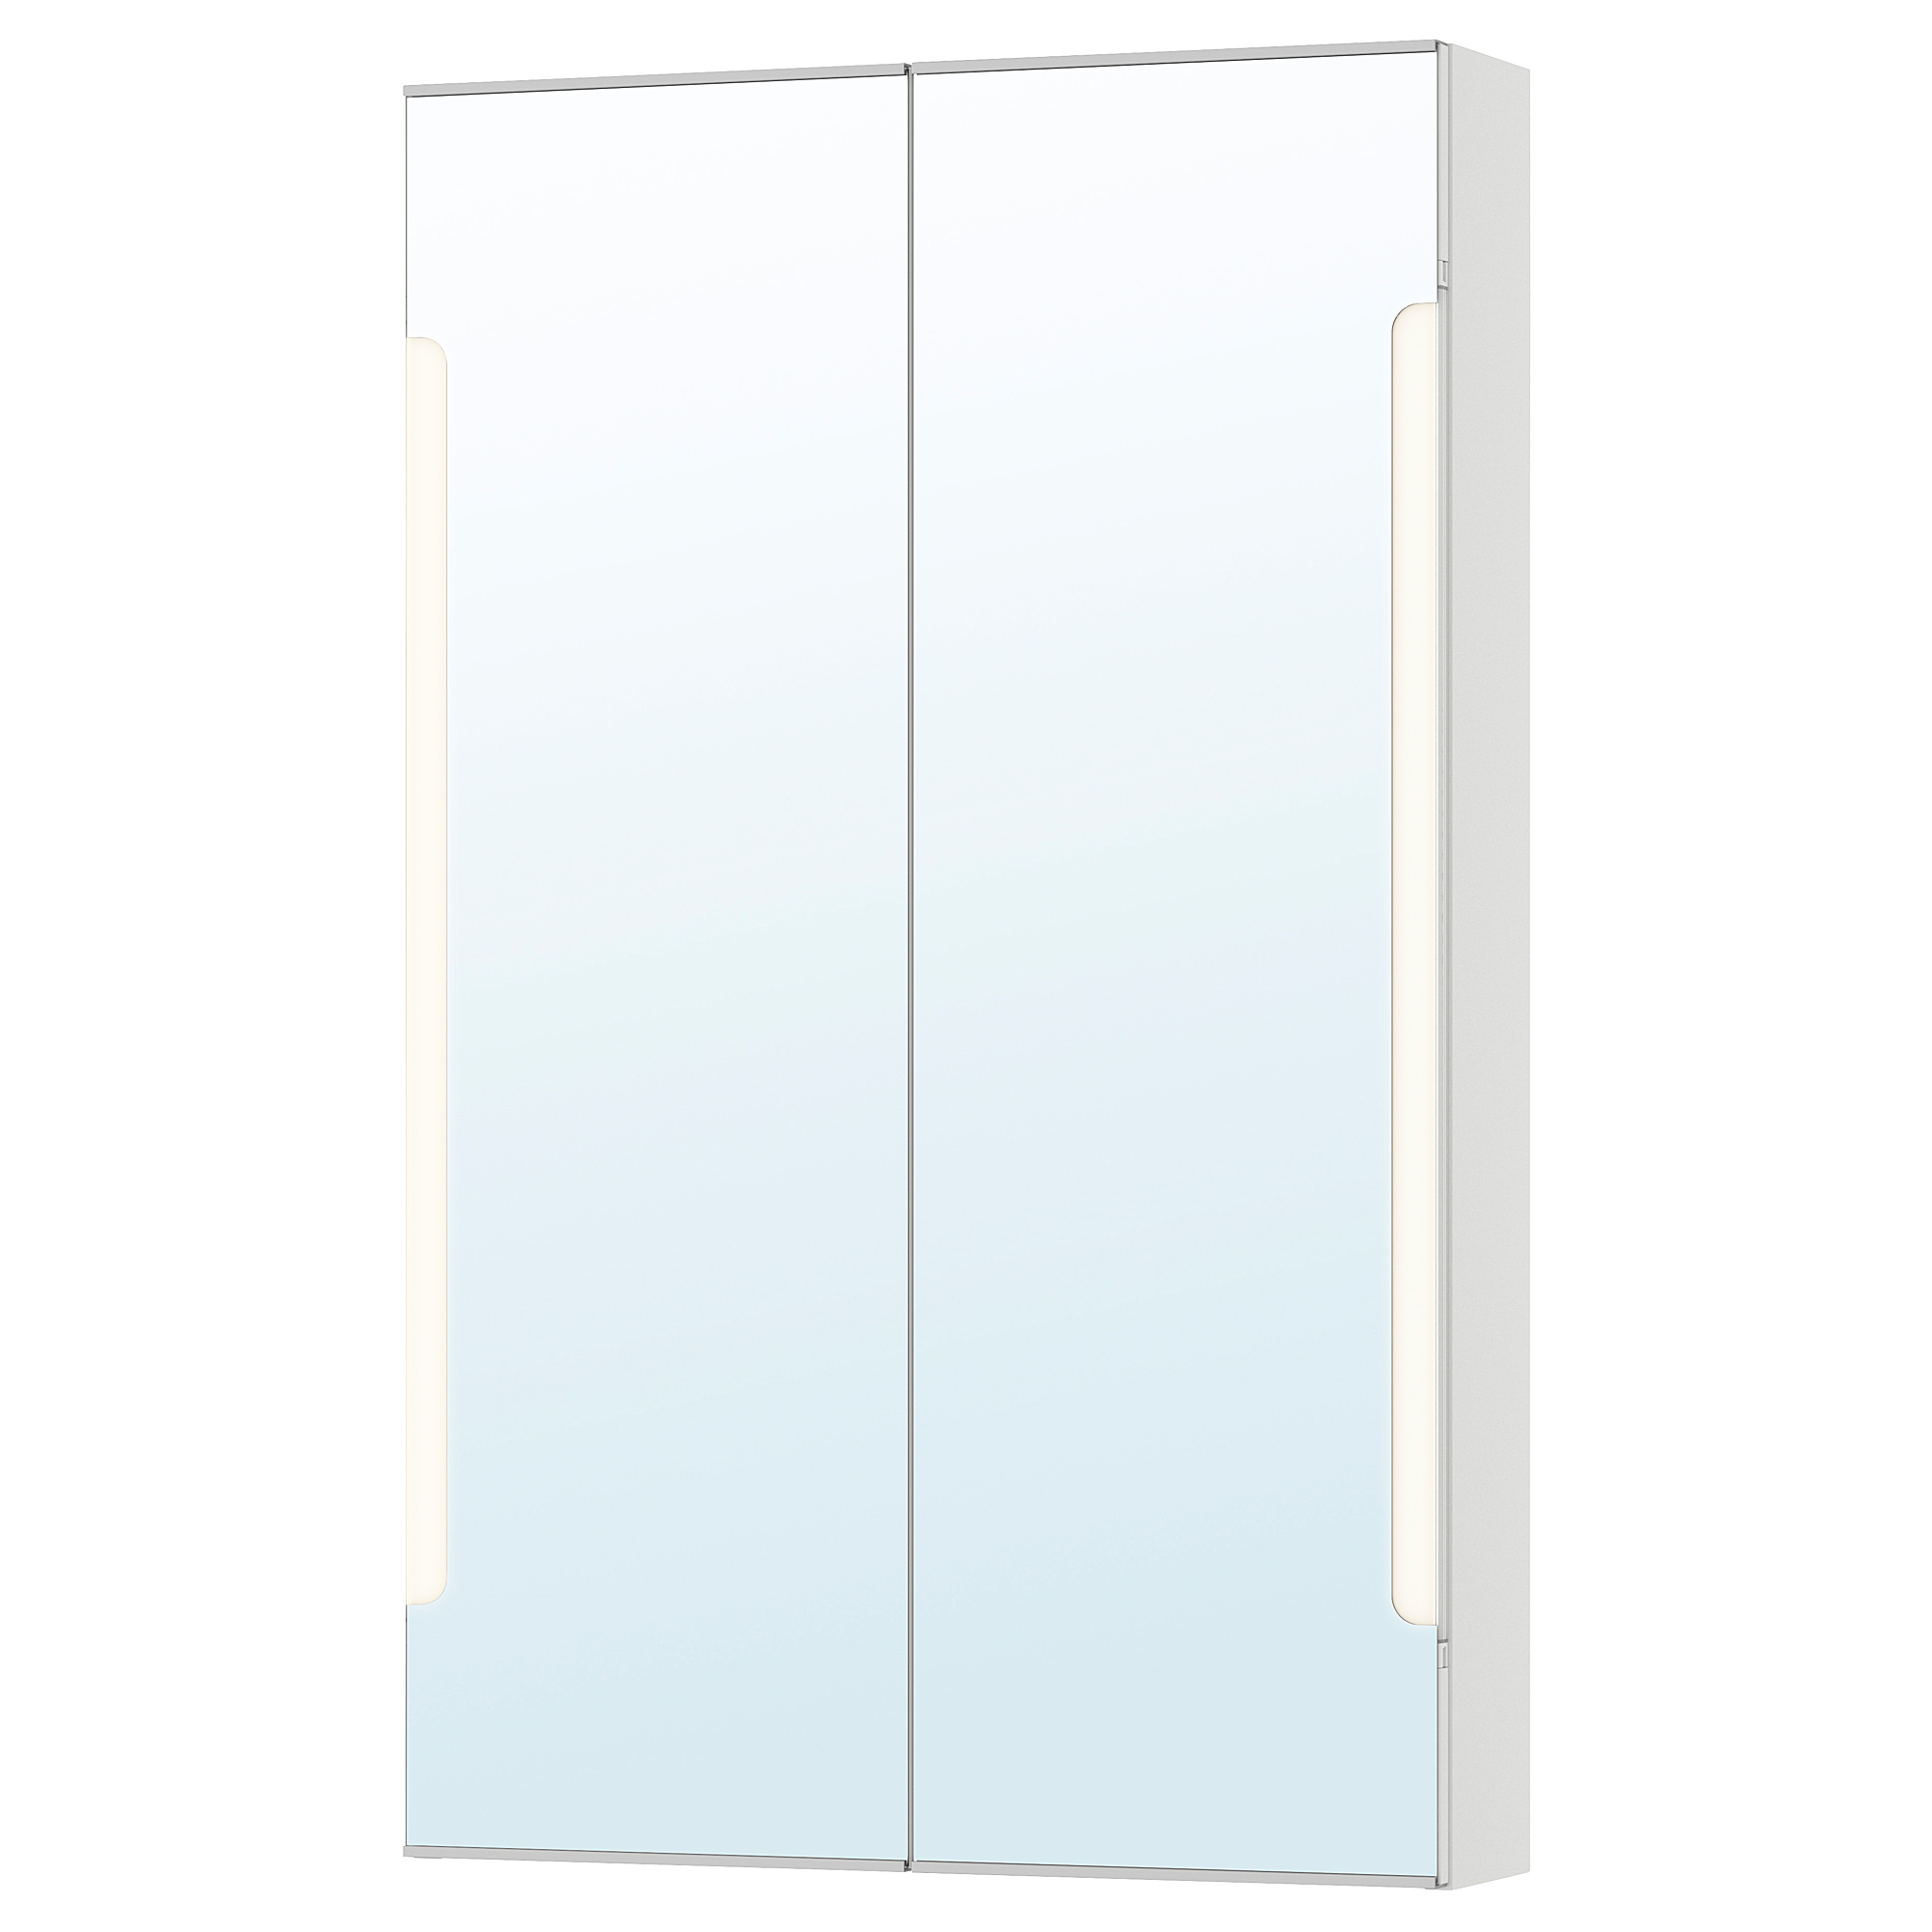 1c6ed8211e4 IKEA Latvia - Osta mööblit, valgusteid, koduaksessuaare ja muud